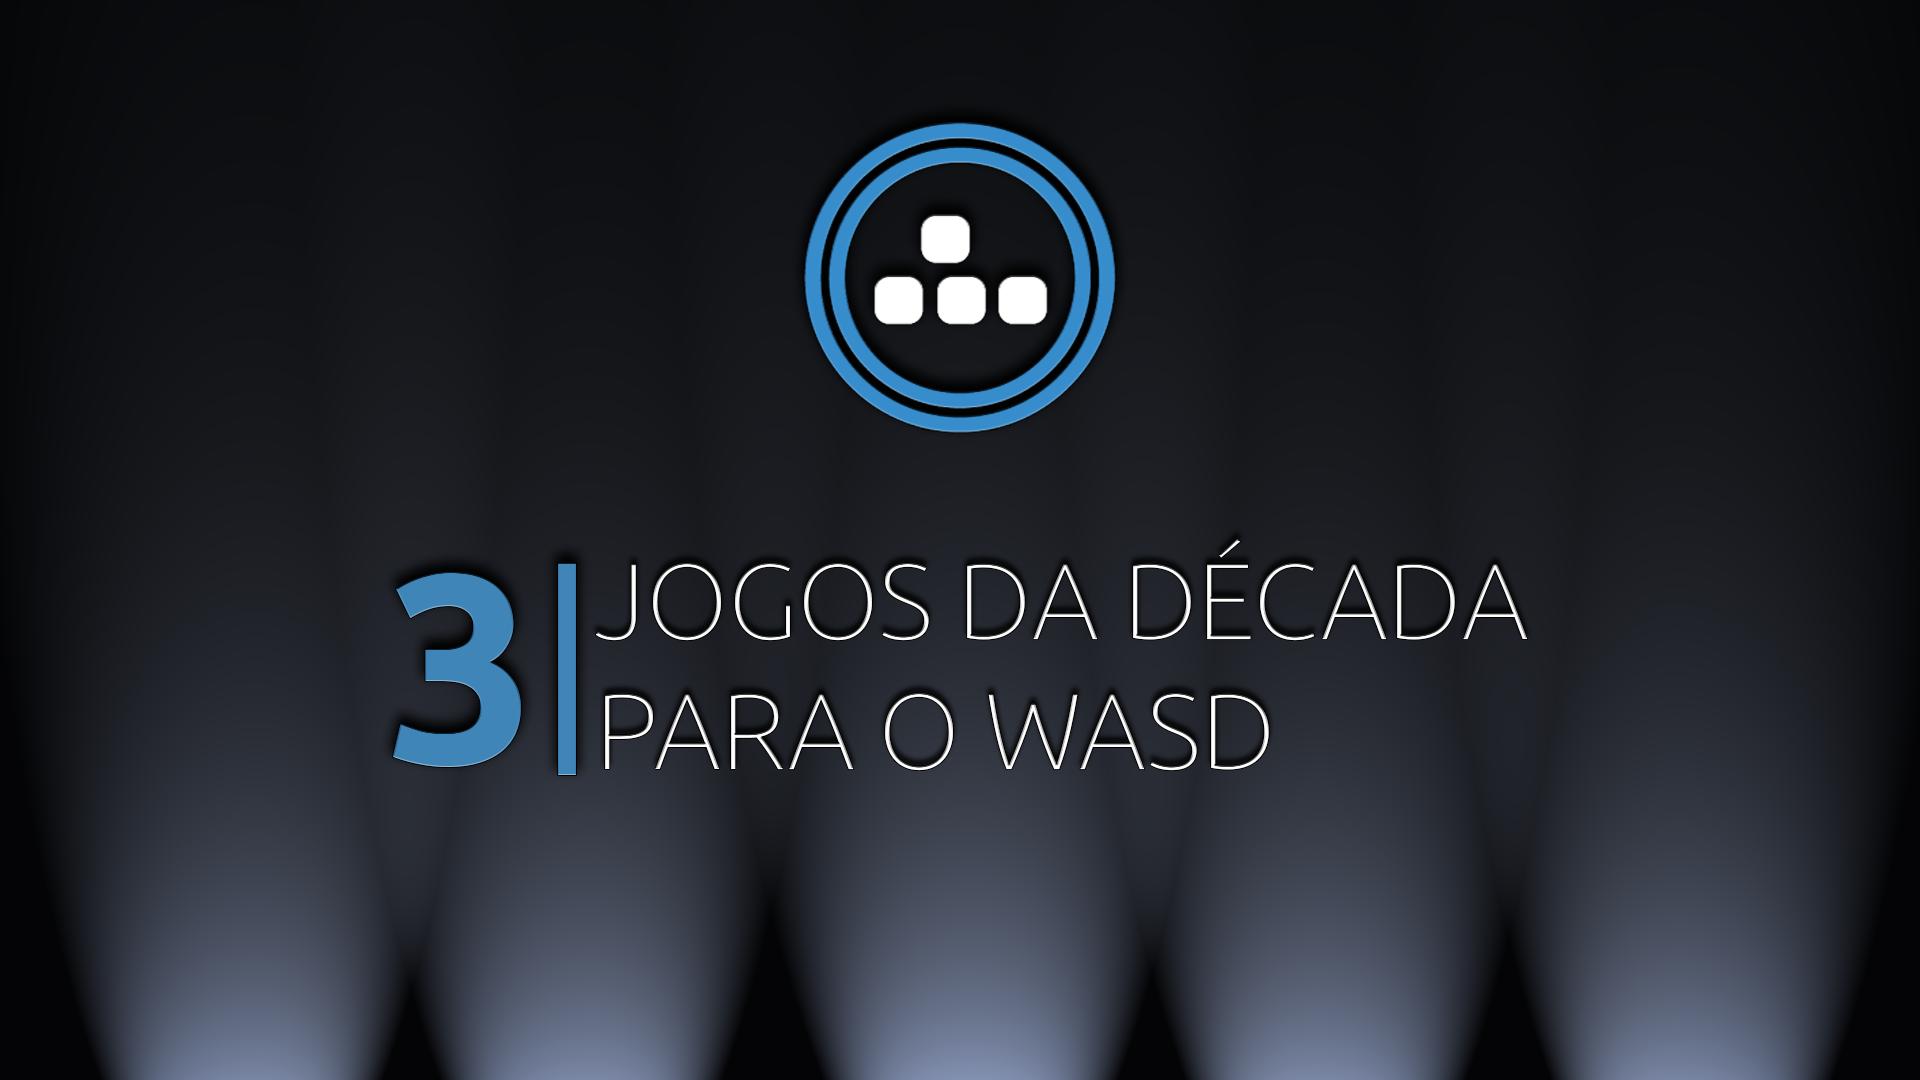 3 Jogos da Década, de acordo com o WASD